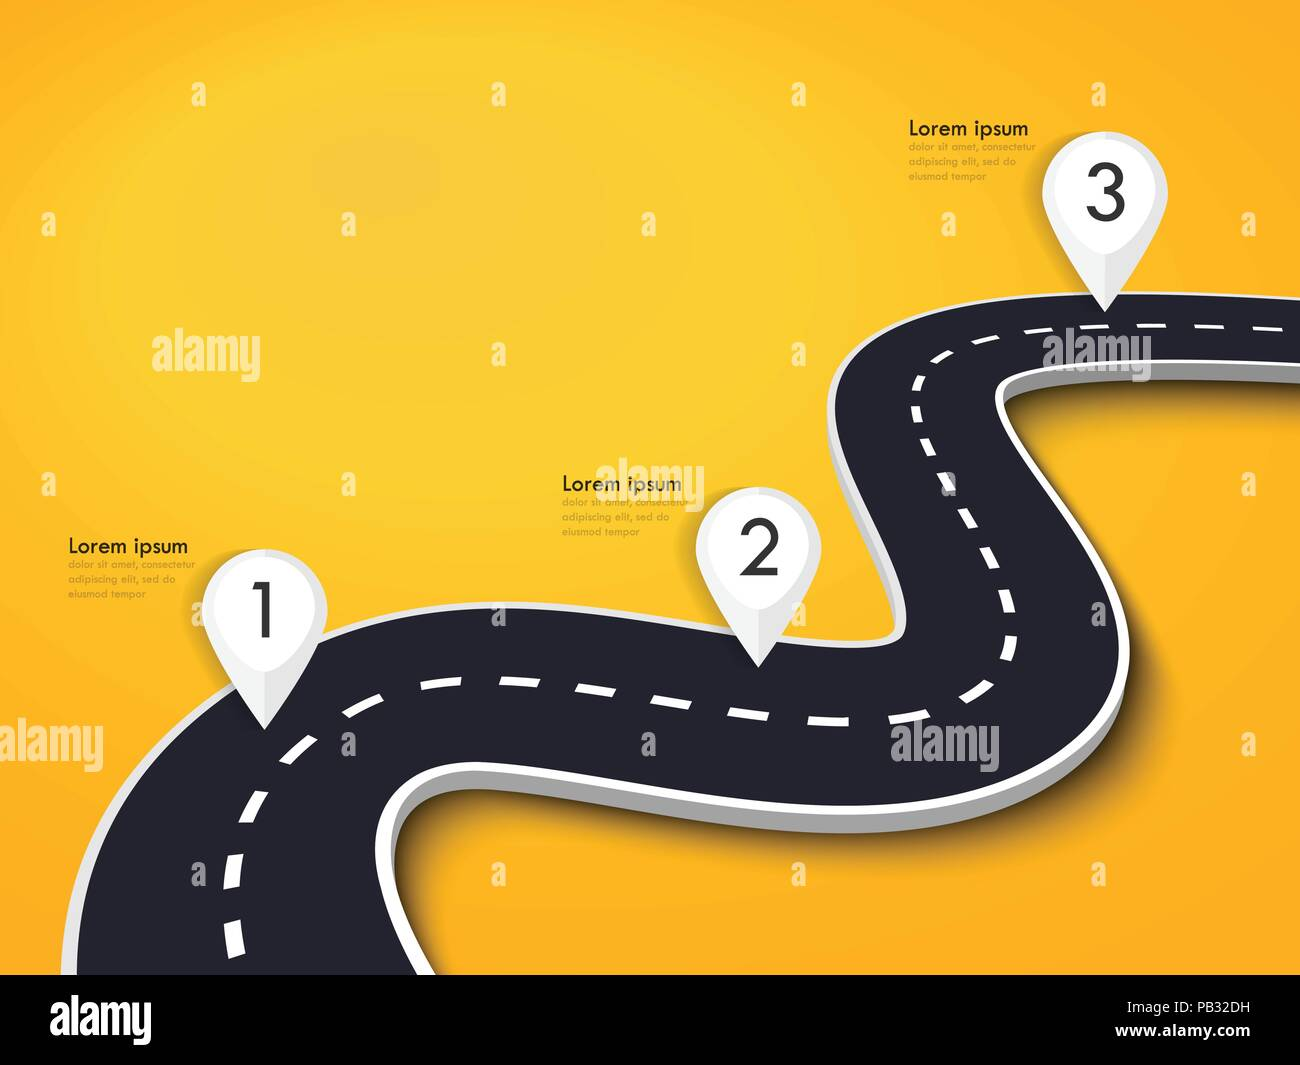 Carretera sinuosa sobre un fondo de colores. Ubicación carretera infográfico plantilla con clavija puntero. EPS vectoriales 10 Ilustración del Vector